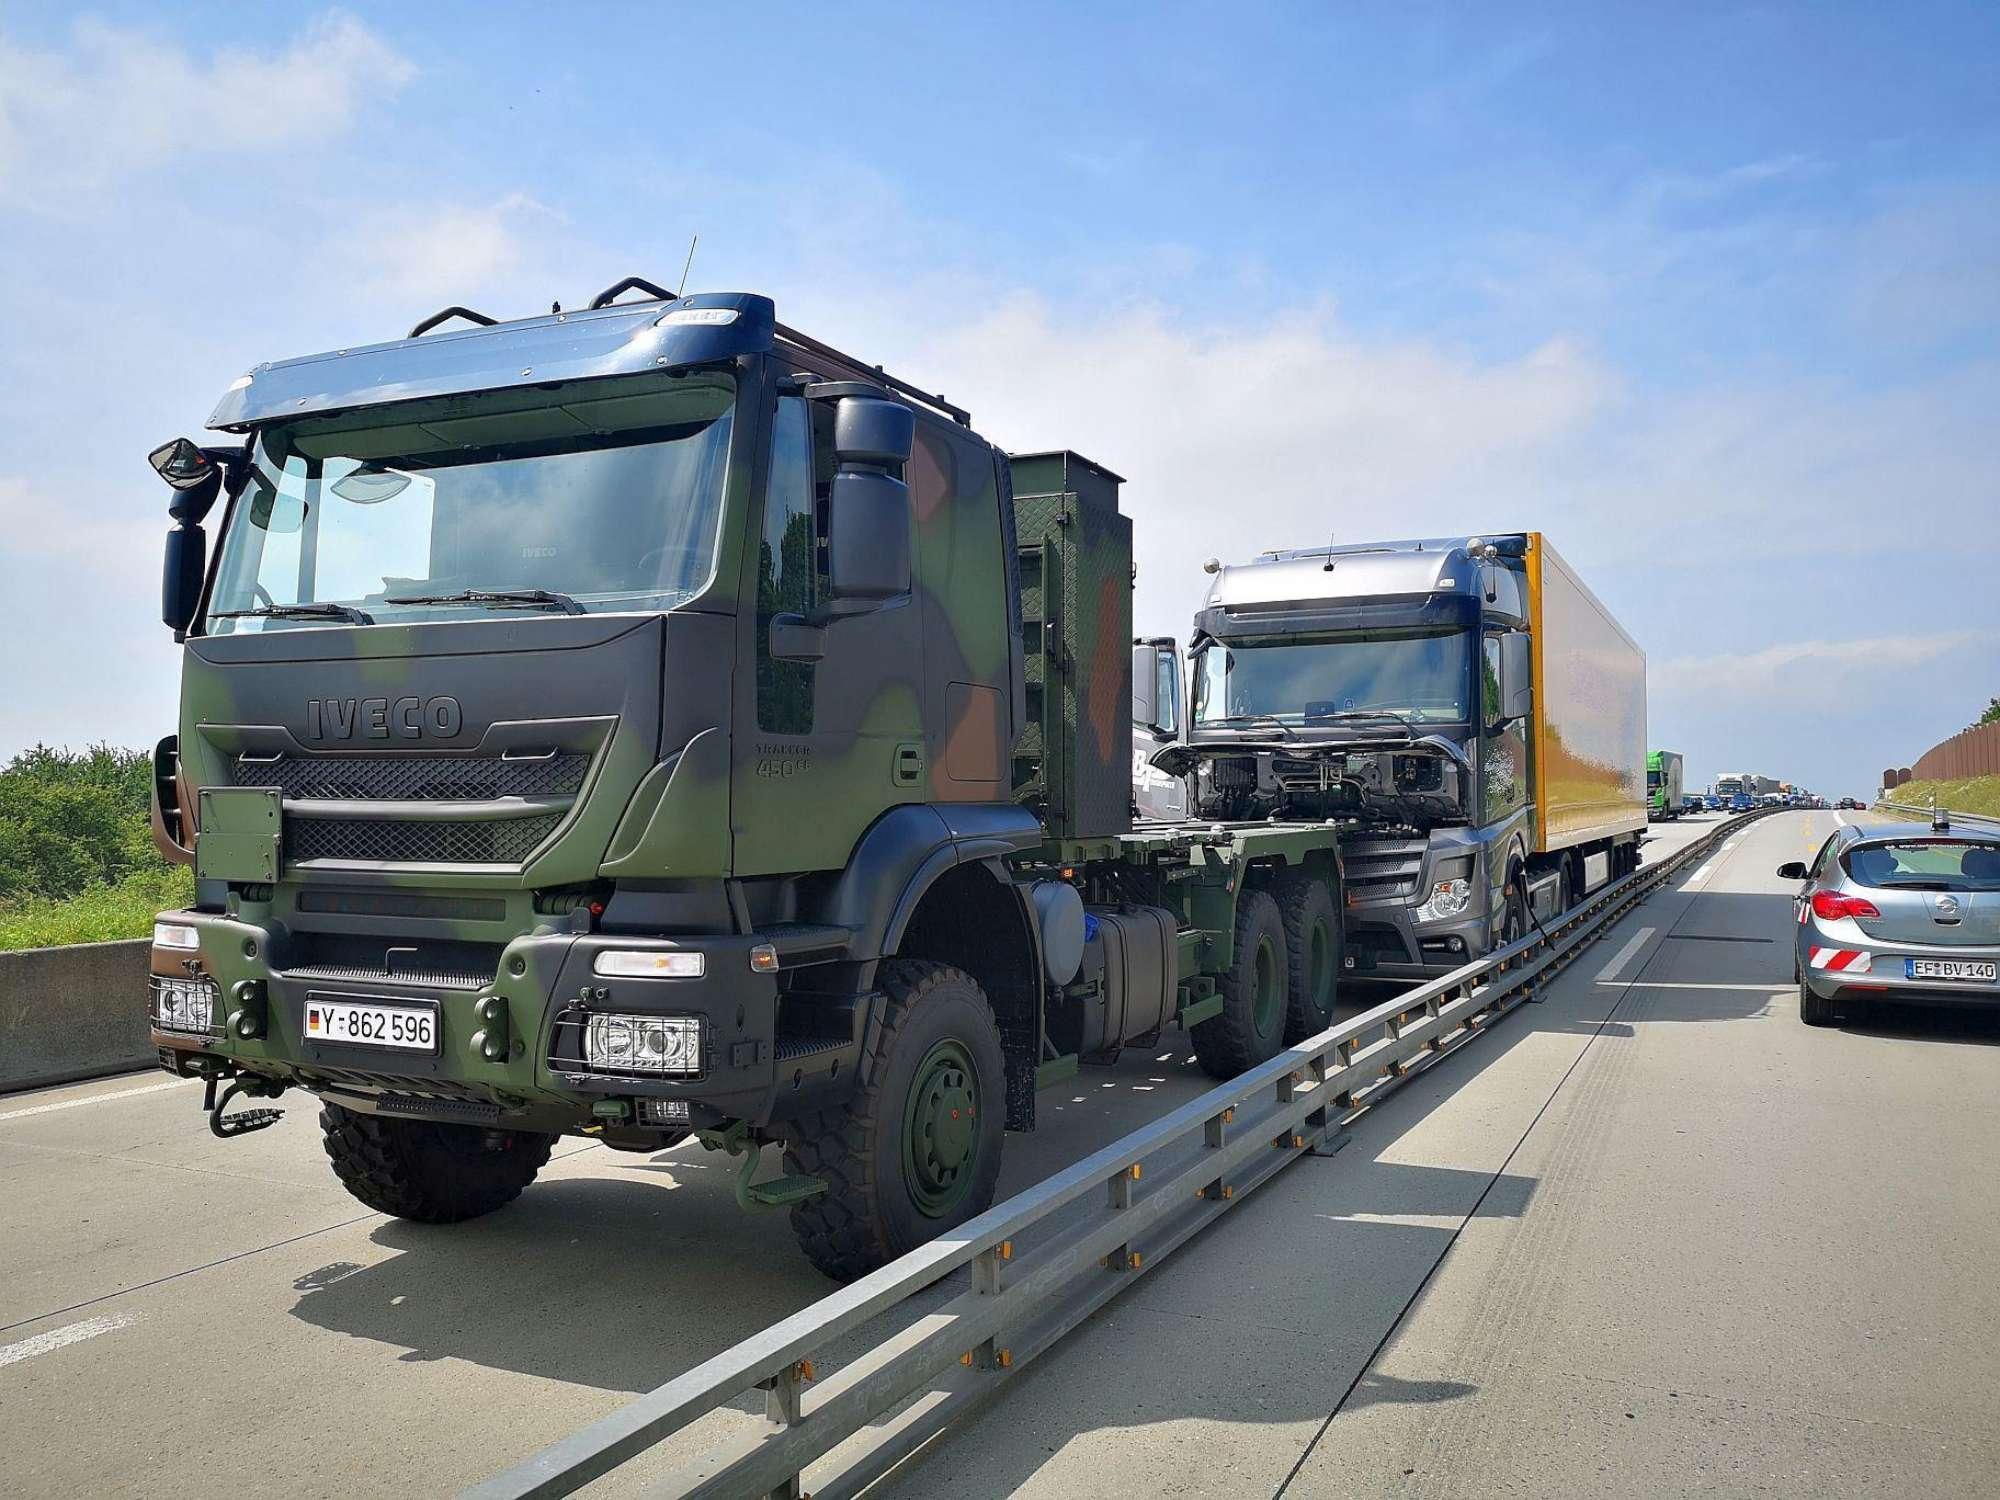 Alemania, soldados bloquean camiones en la carretera y evitan un posible desastre.